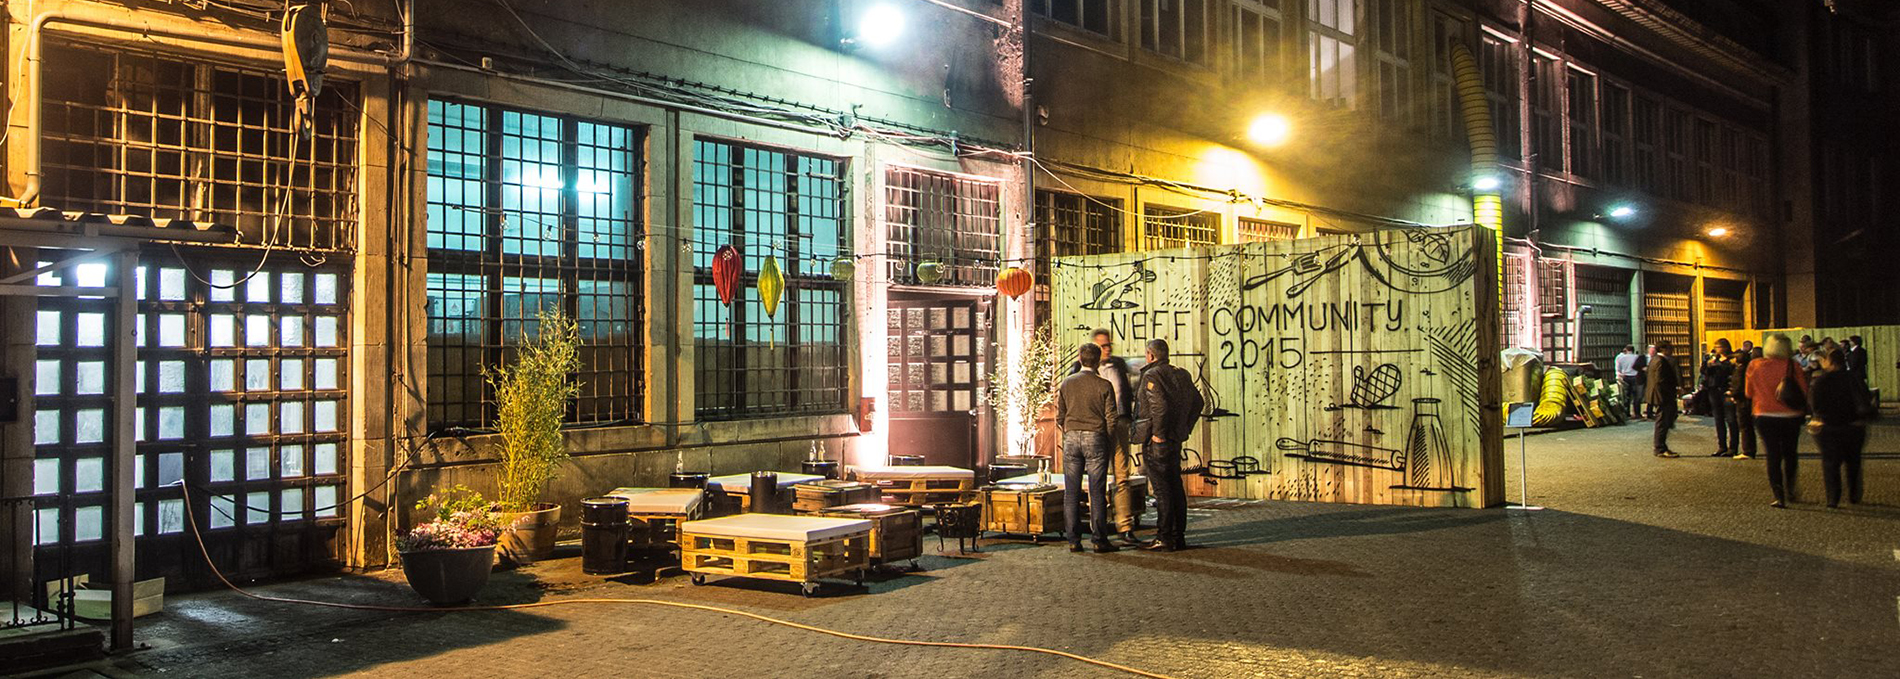 Graffiti-Wand - Berlin